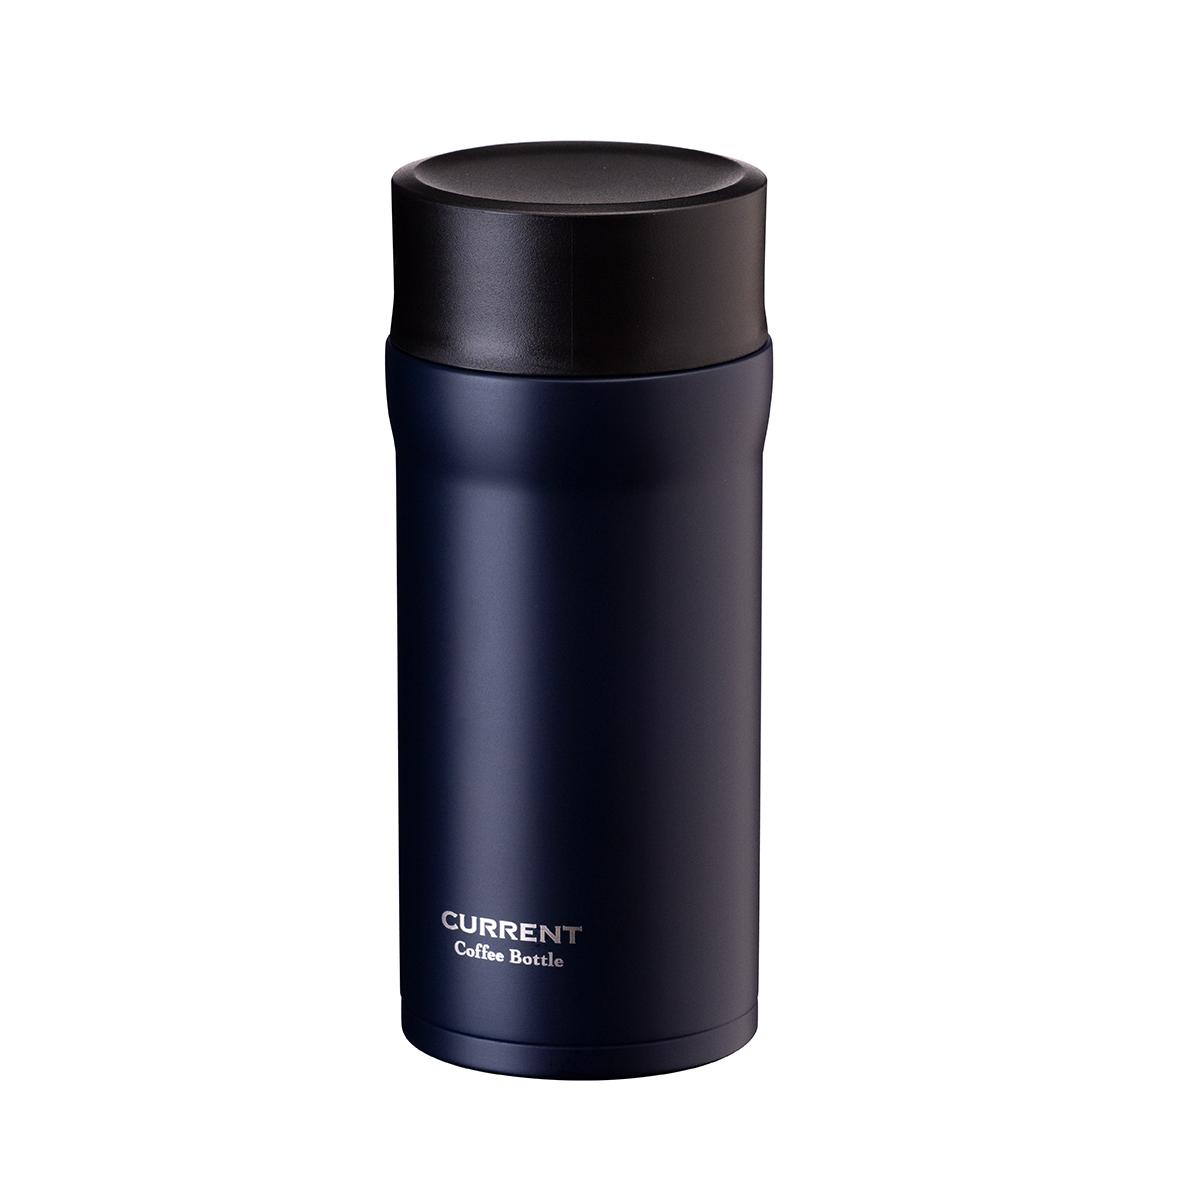 CURRENT コーヒーマグボトル 350ml ネイビー image01